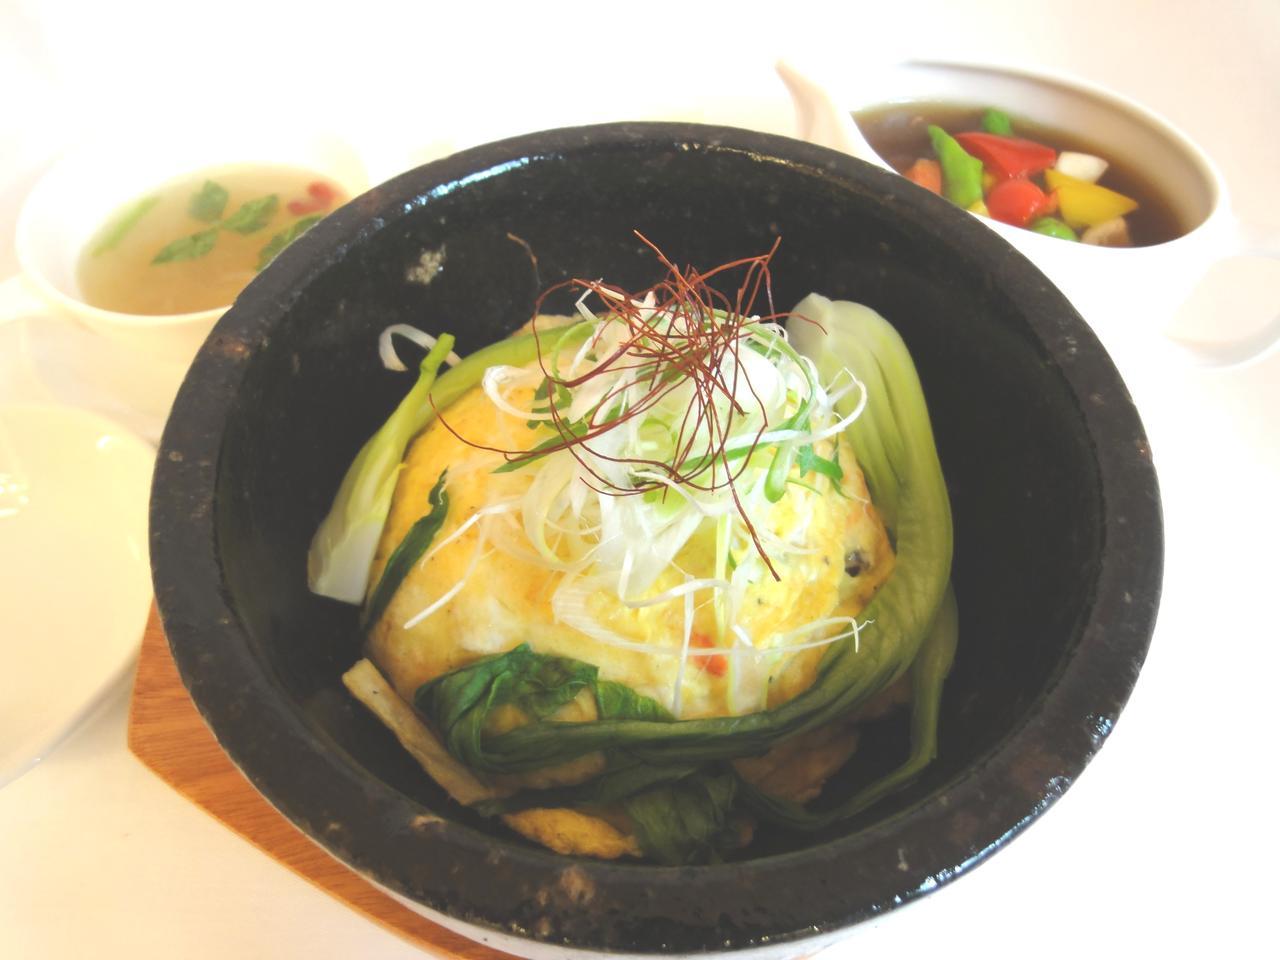 画像: 石焼き蟹玉天津飯~薬膳スープを添えて~。提供地域は大阪府・兵庫県・京都府